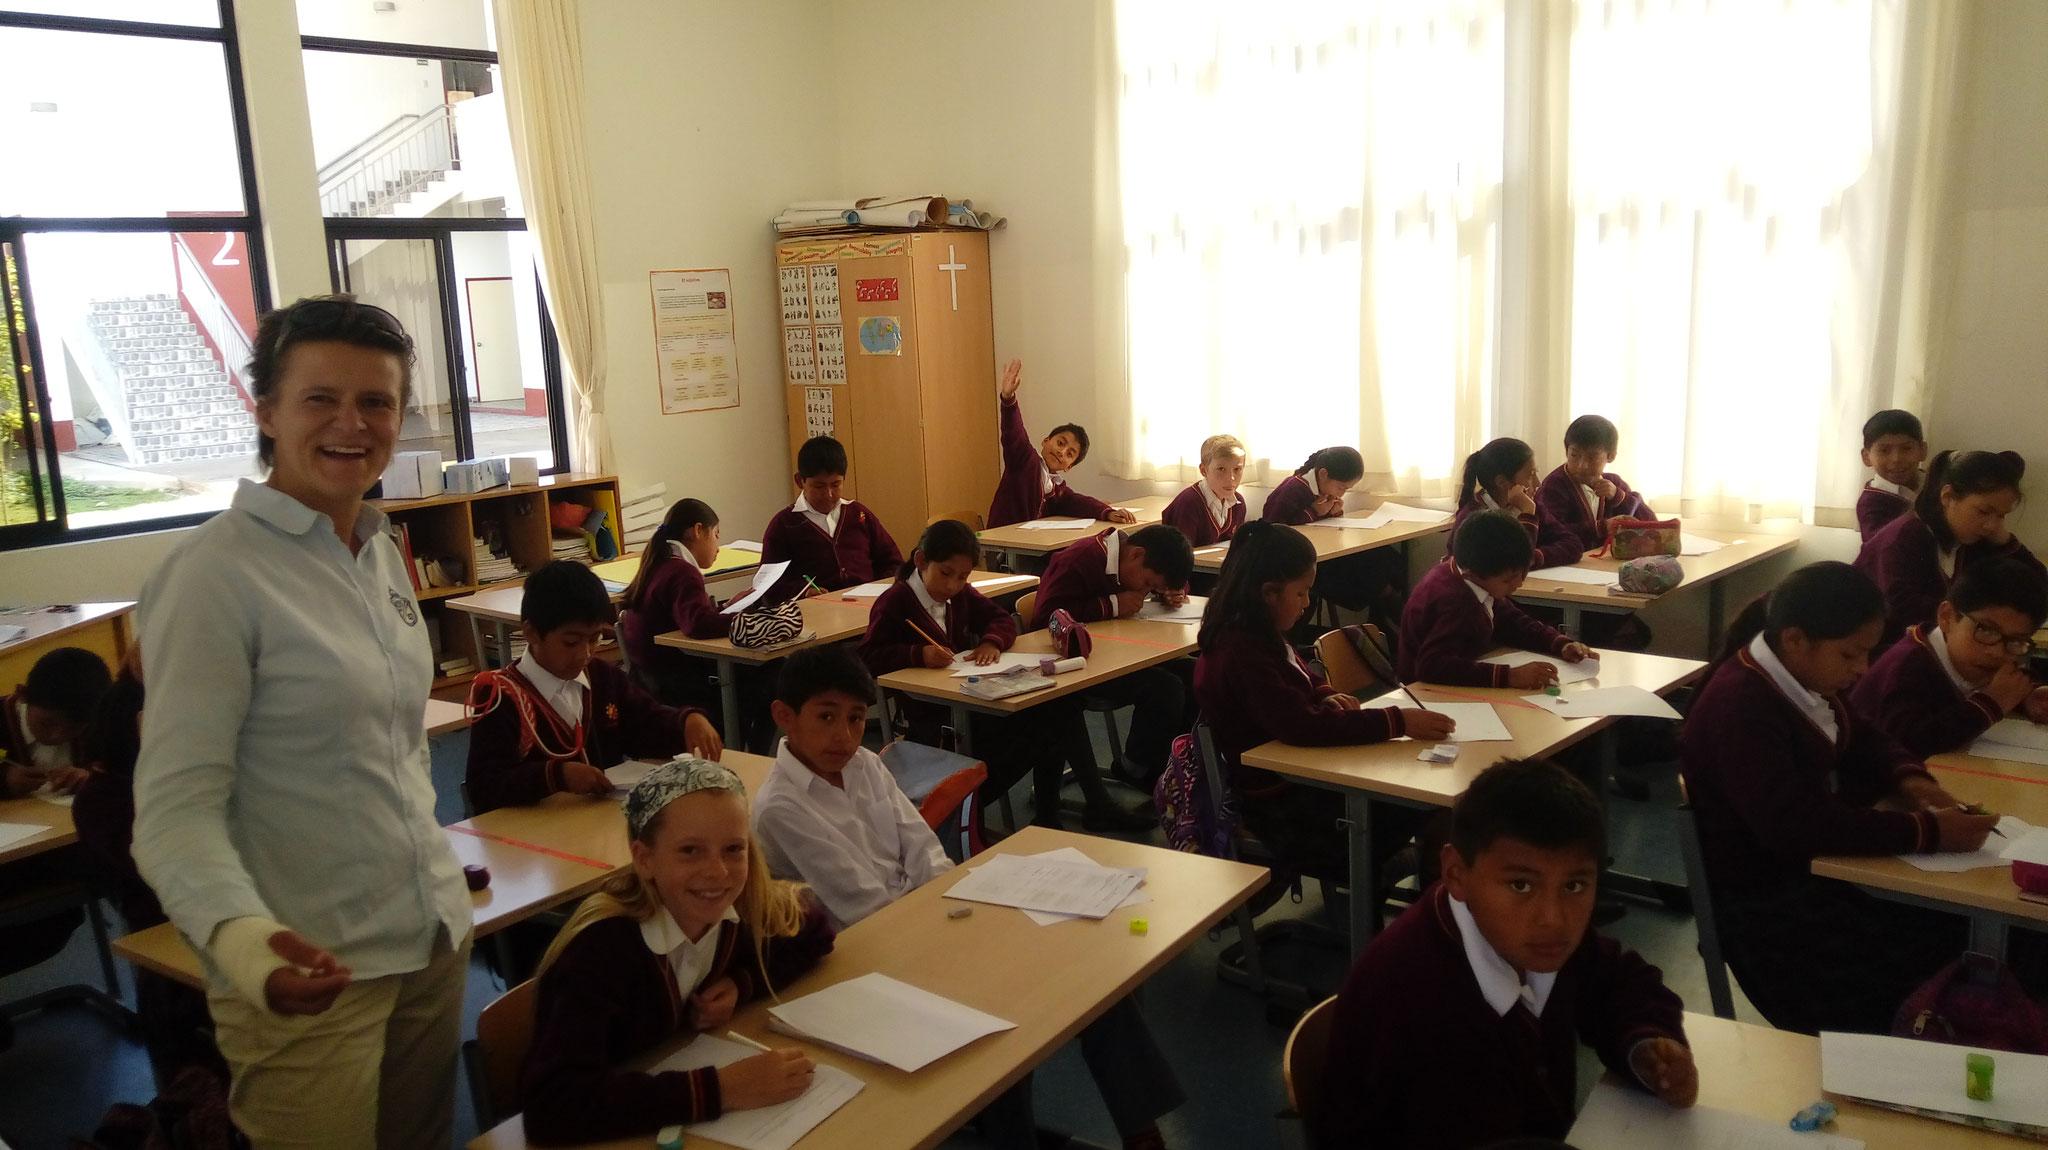 Ein Blick in eine Klasse